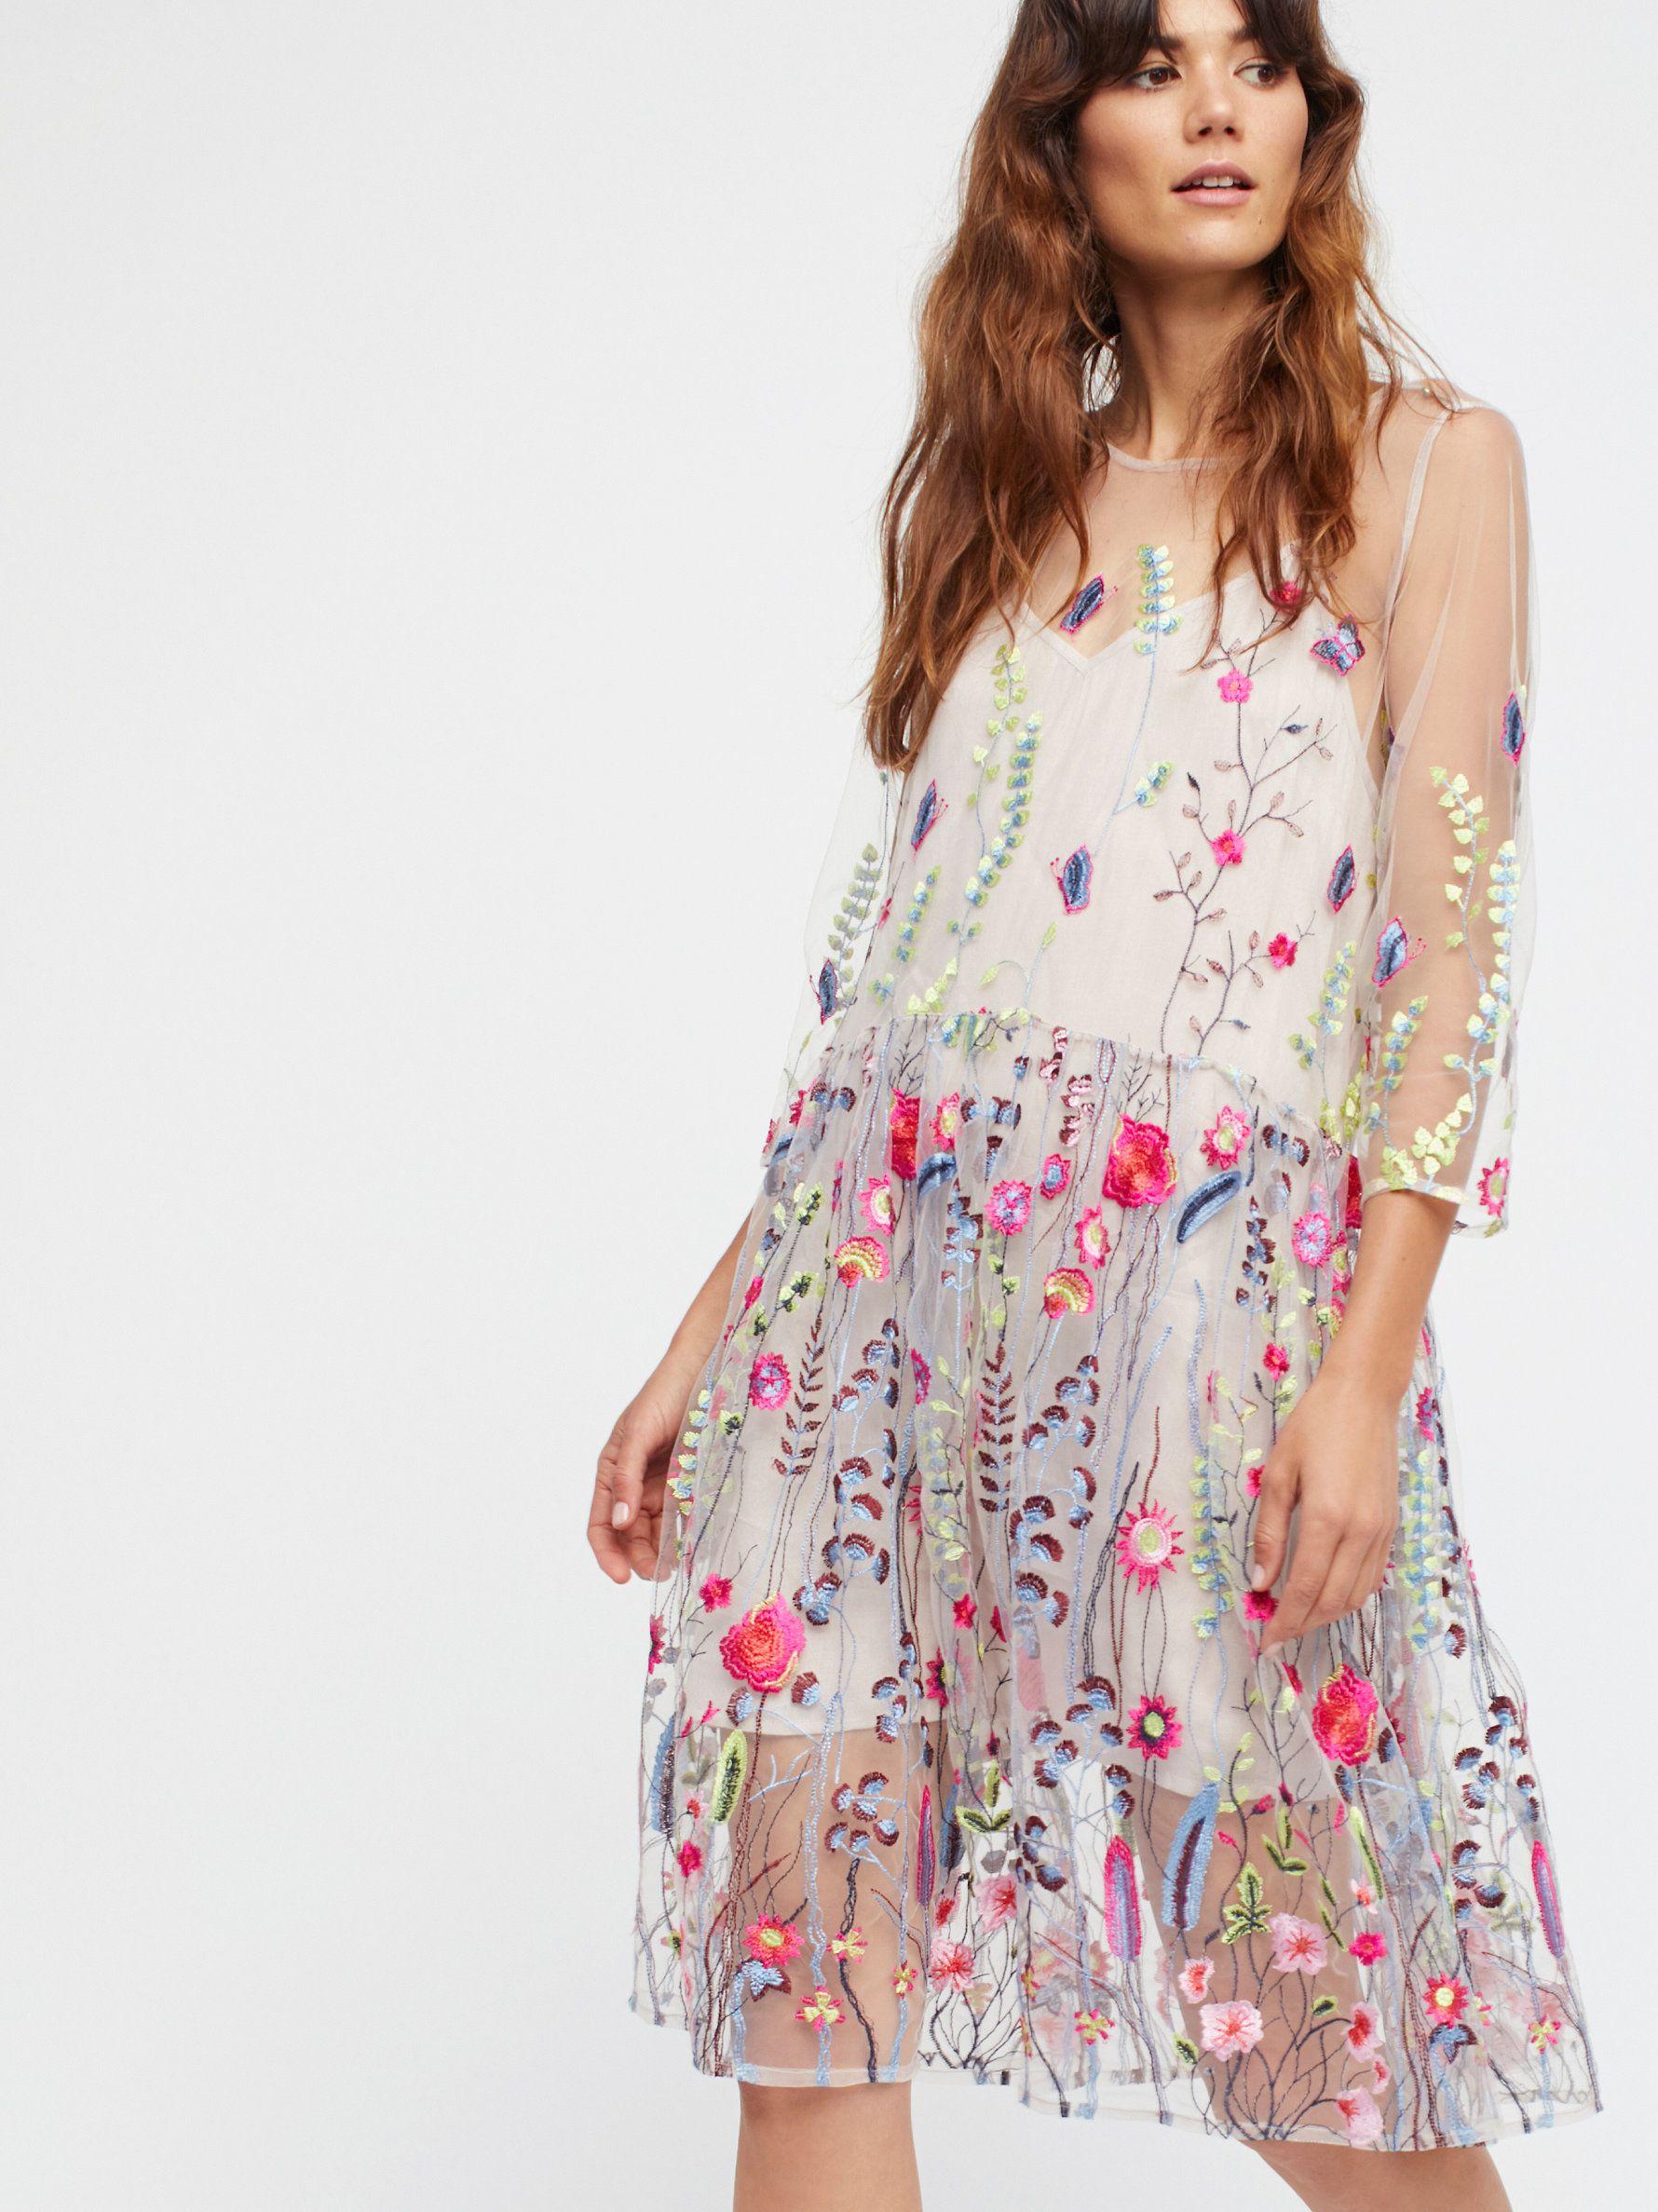 Sheer garden mini dress sheer mini dress featuring colorful garden